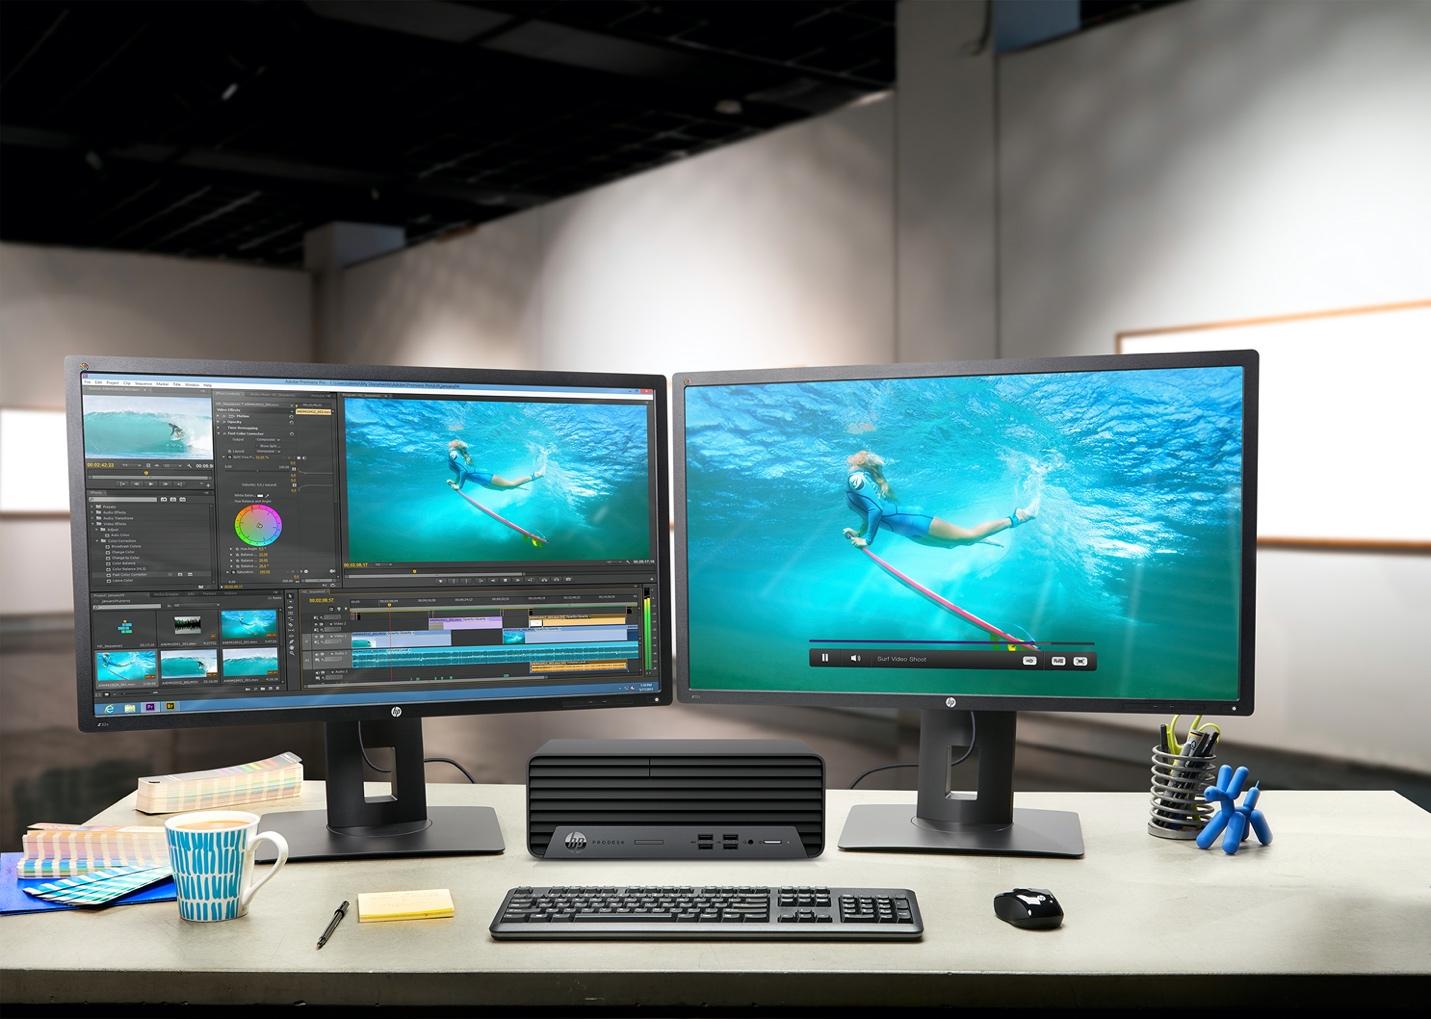 HP Prodesk 400 G7 SFF: máy tính đồng bộ nhỏ gọn hiệu năng cao